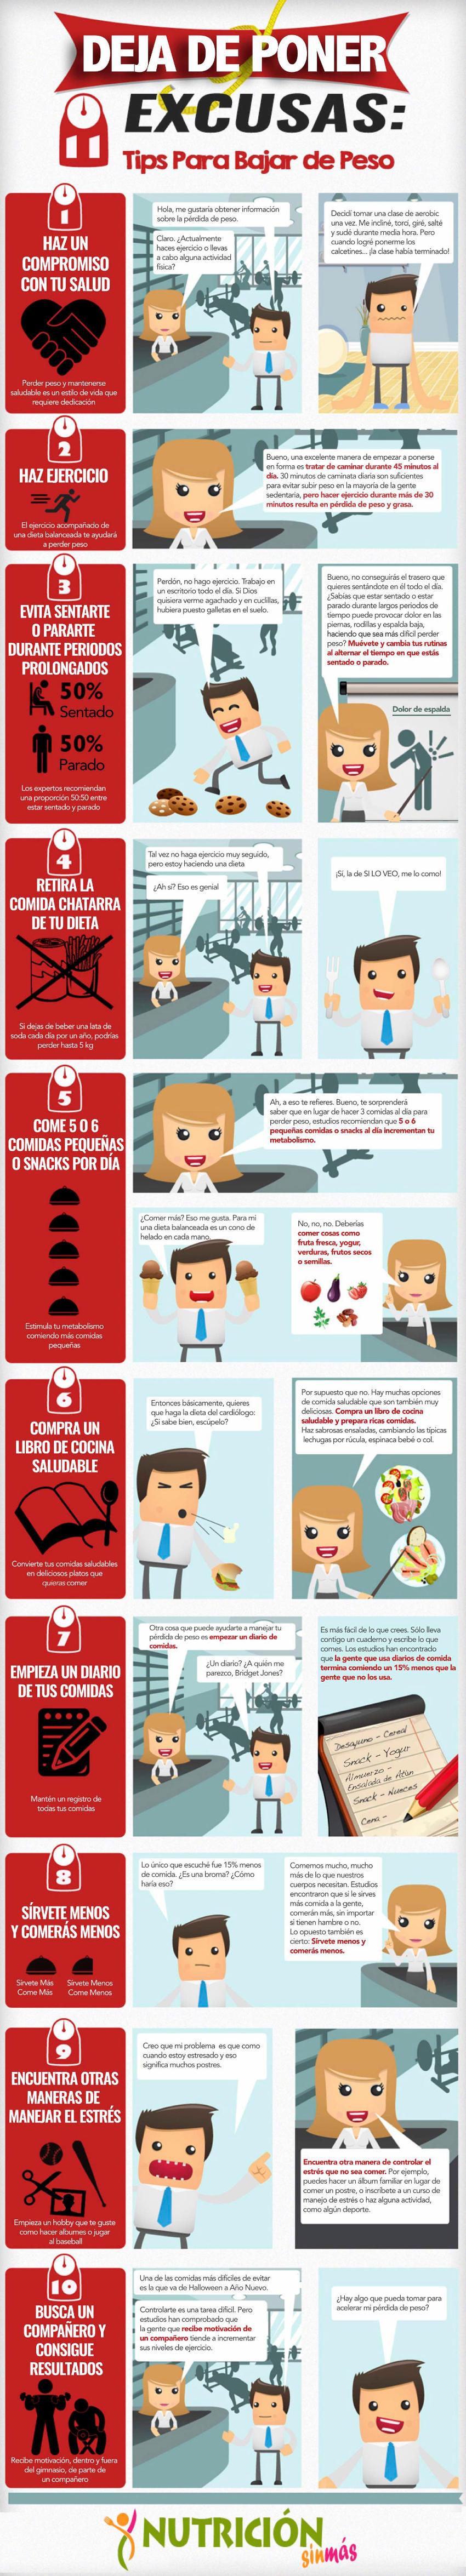 como perder peso infografia